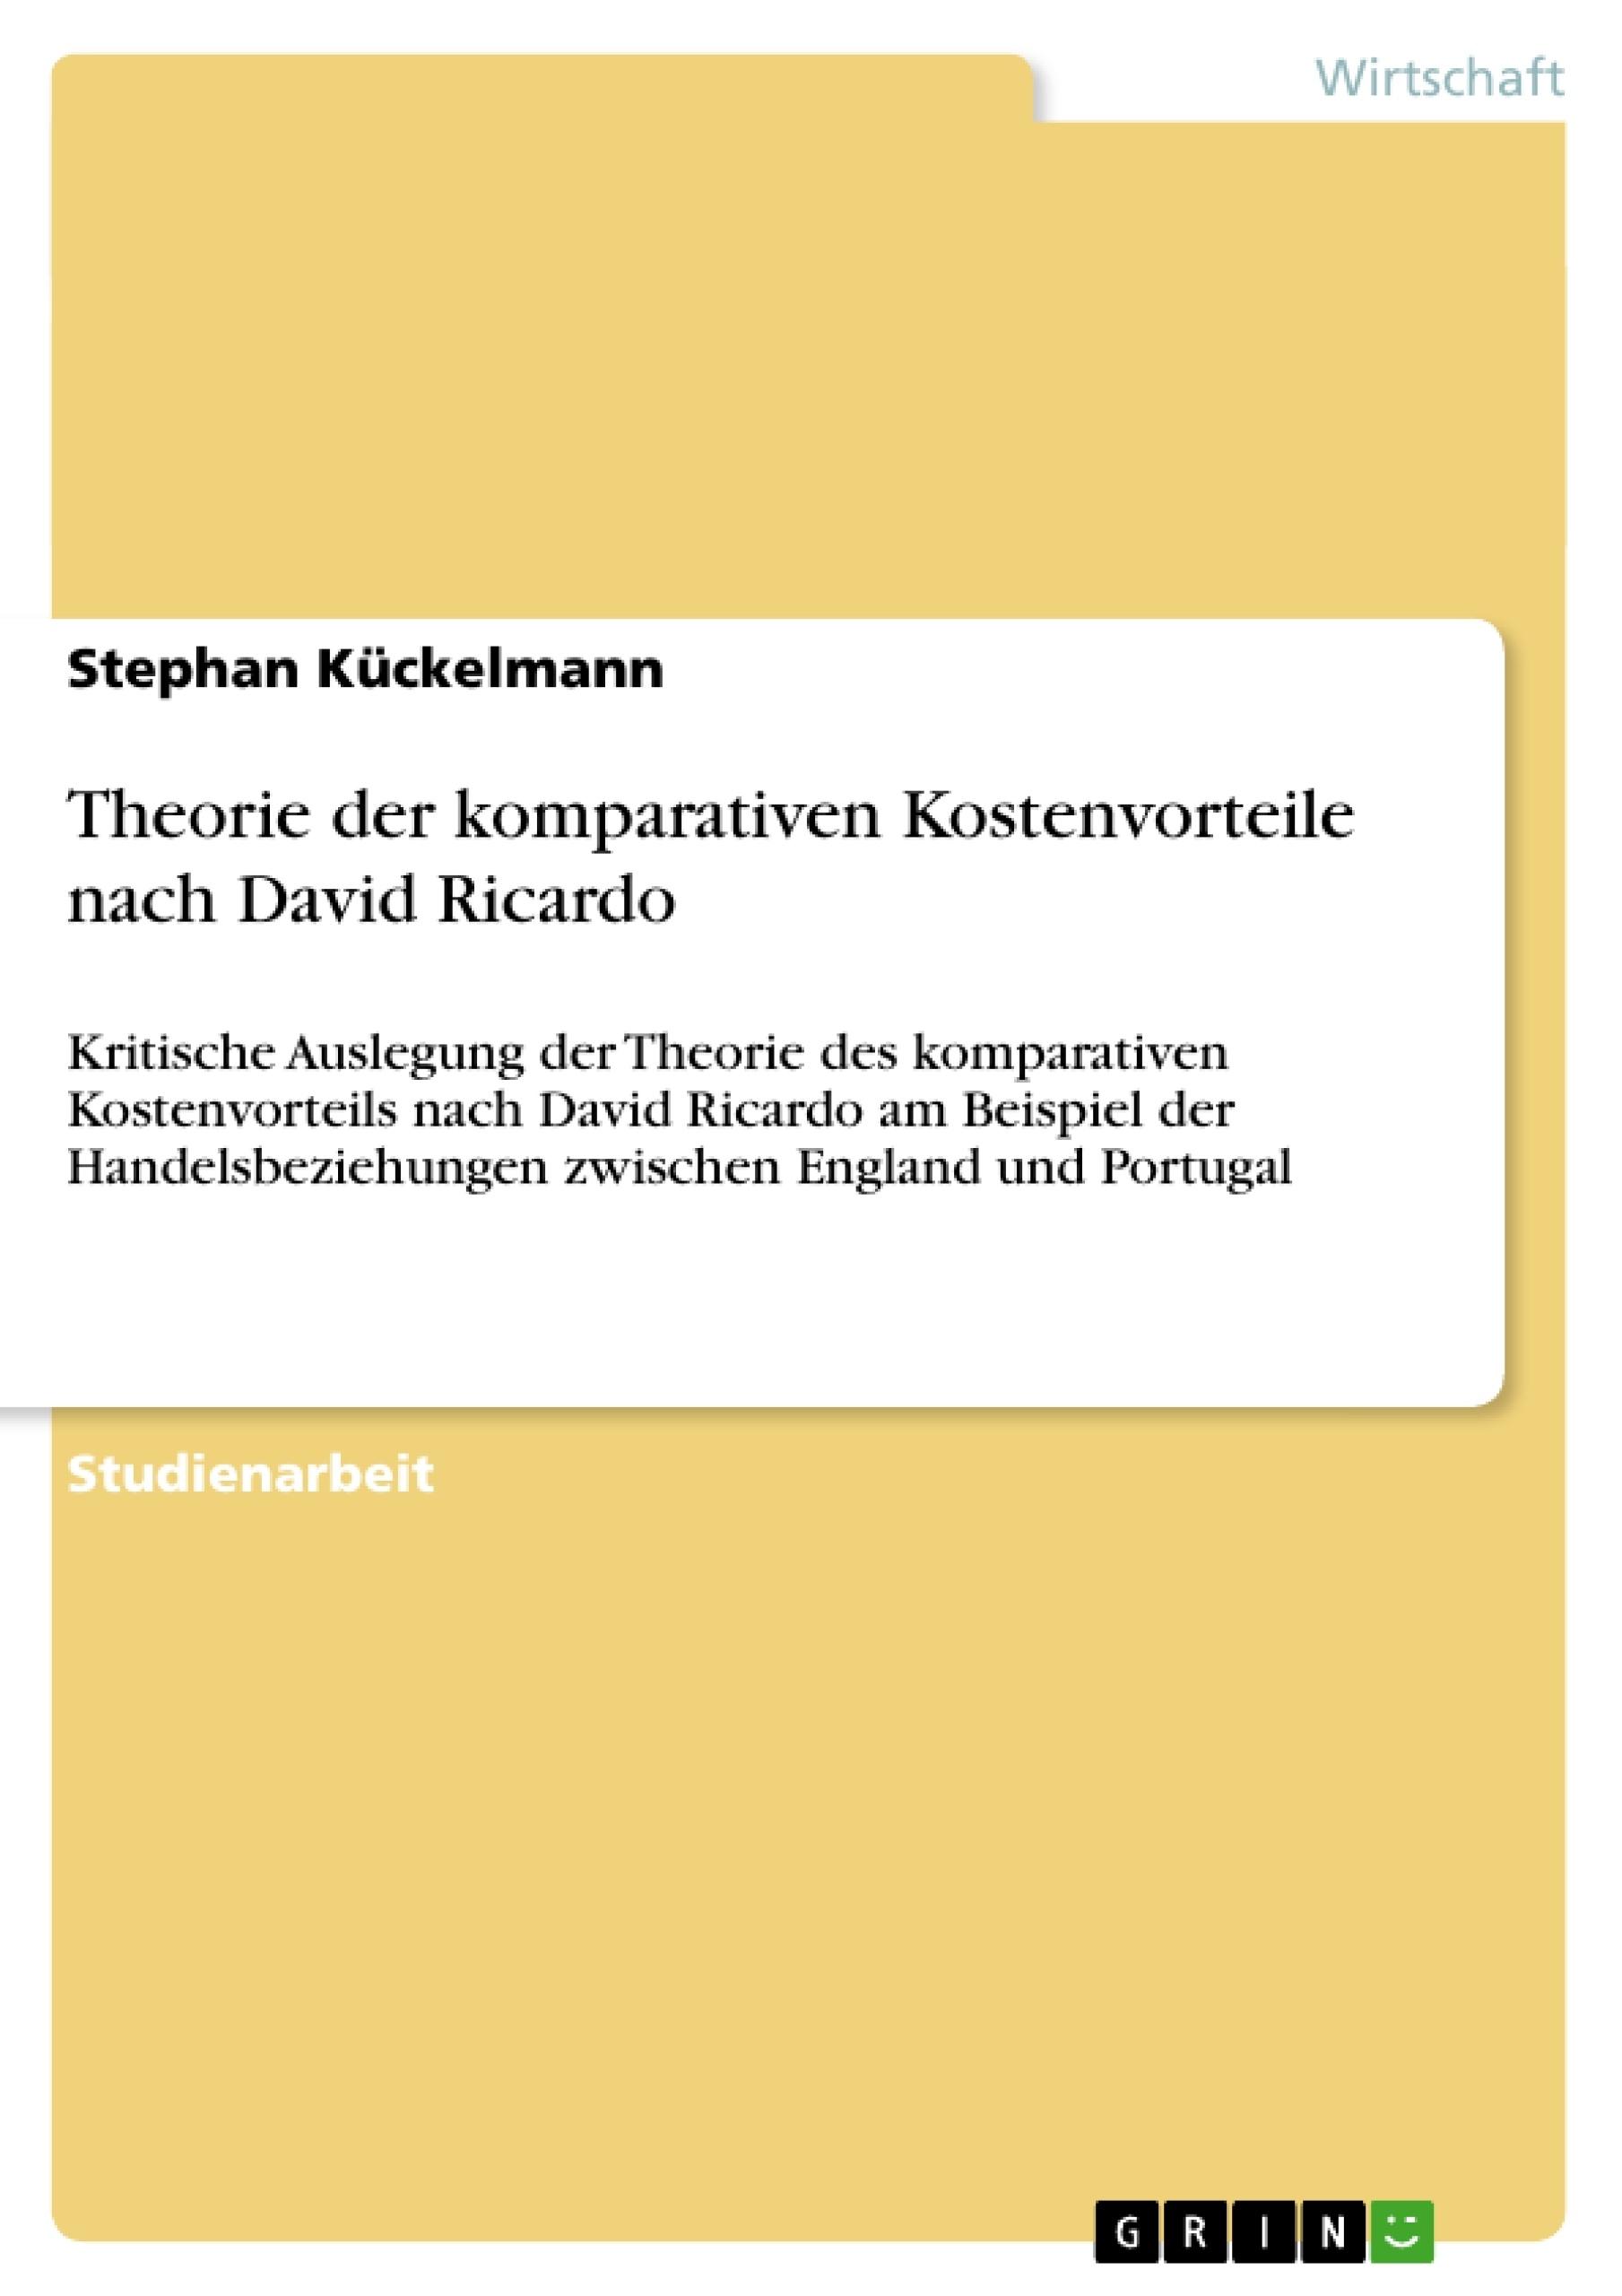 Titel: Theorie der komparativen Kostenvorteile nach David Ricardo